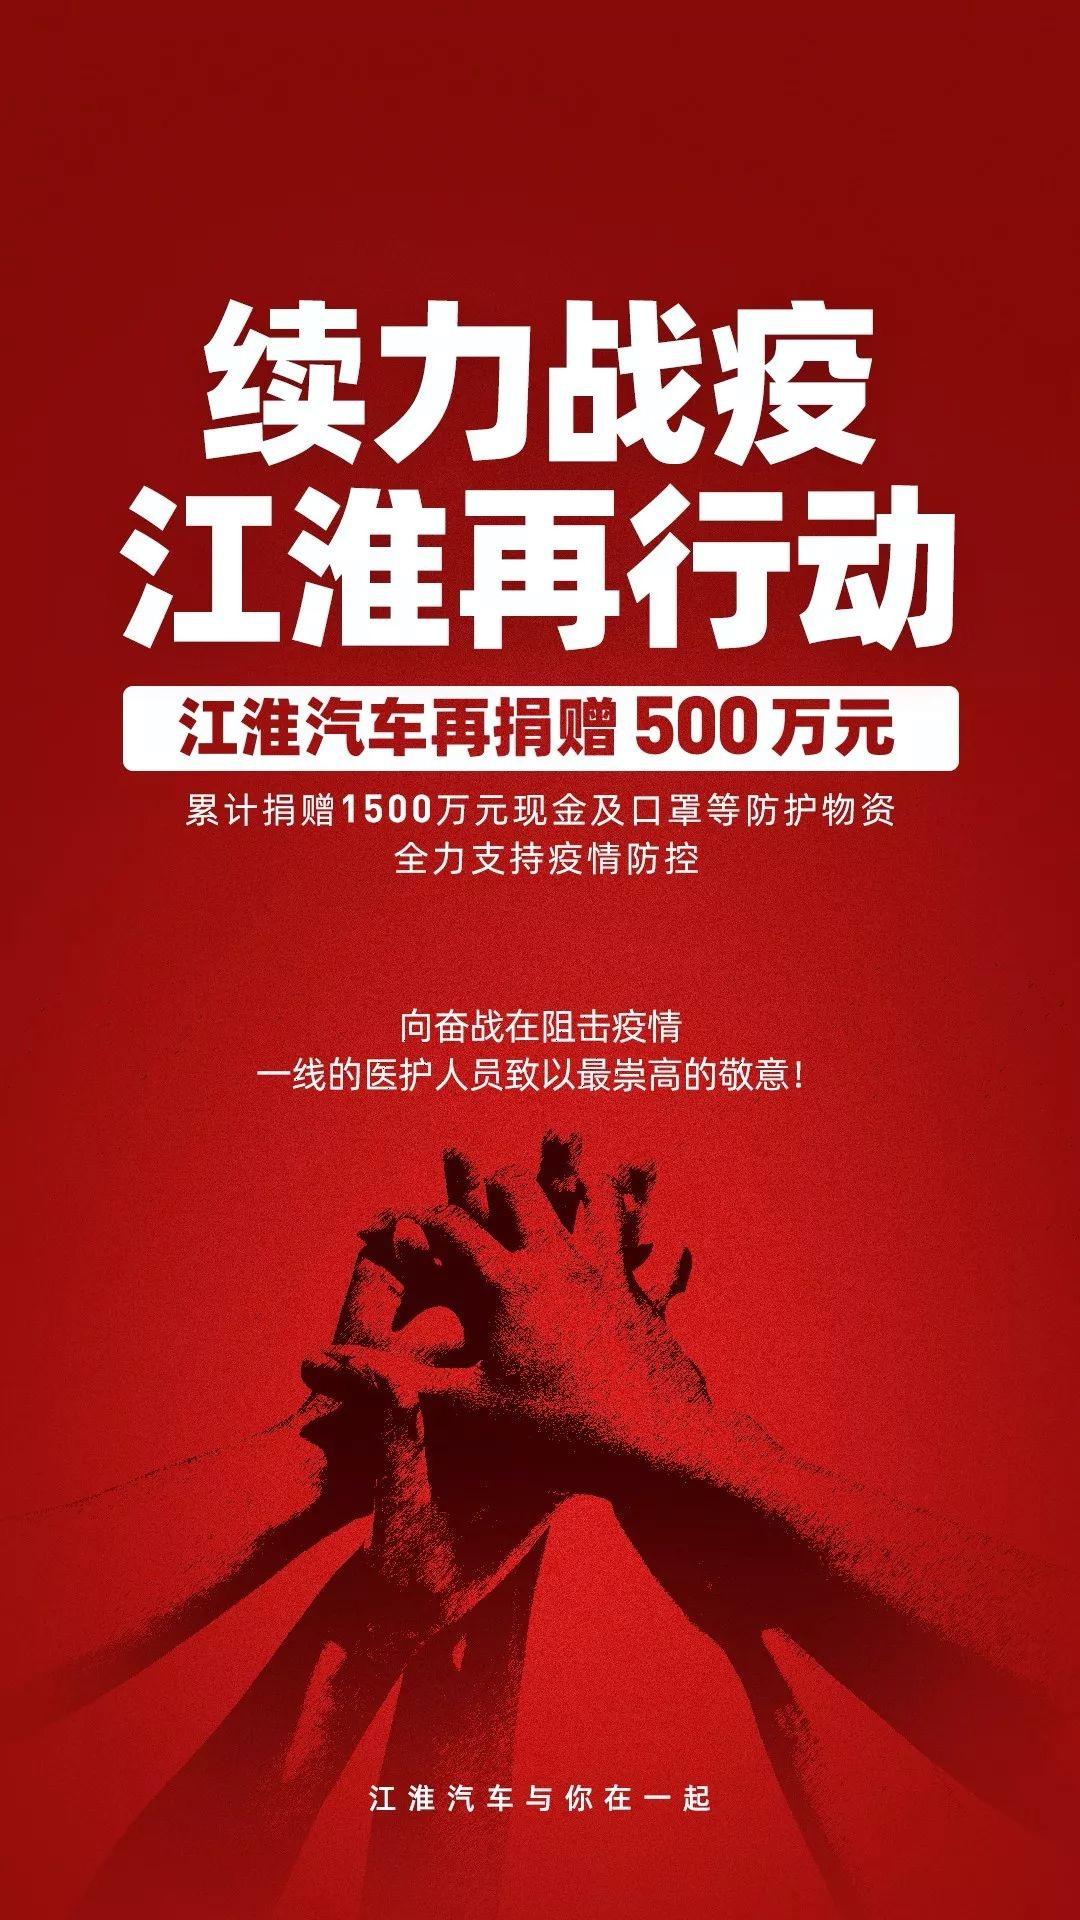 再捐500万! 江淮汽车累计捐赠1500万持续驰援疫情防控